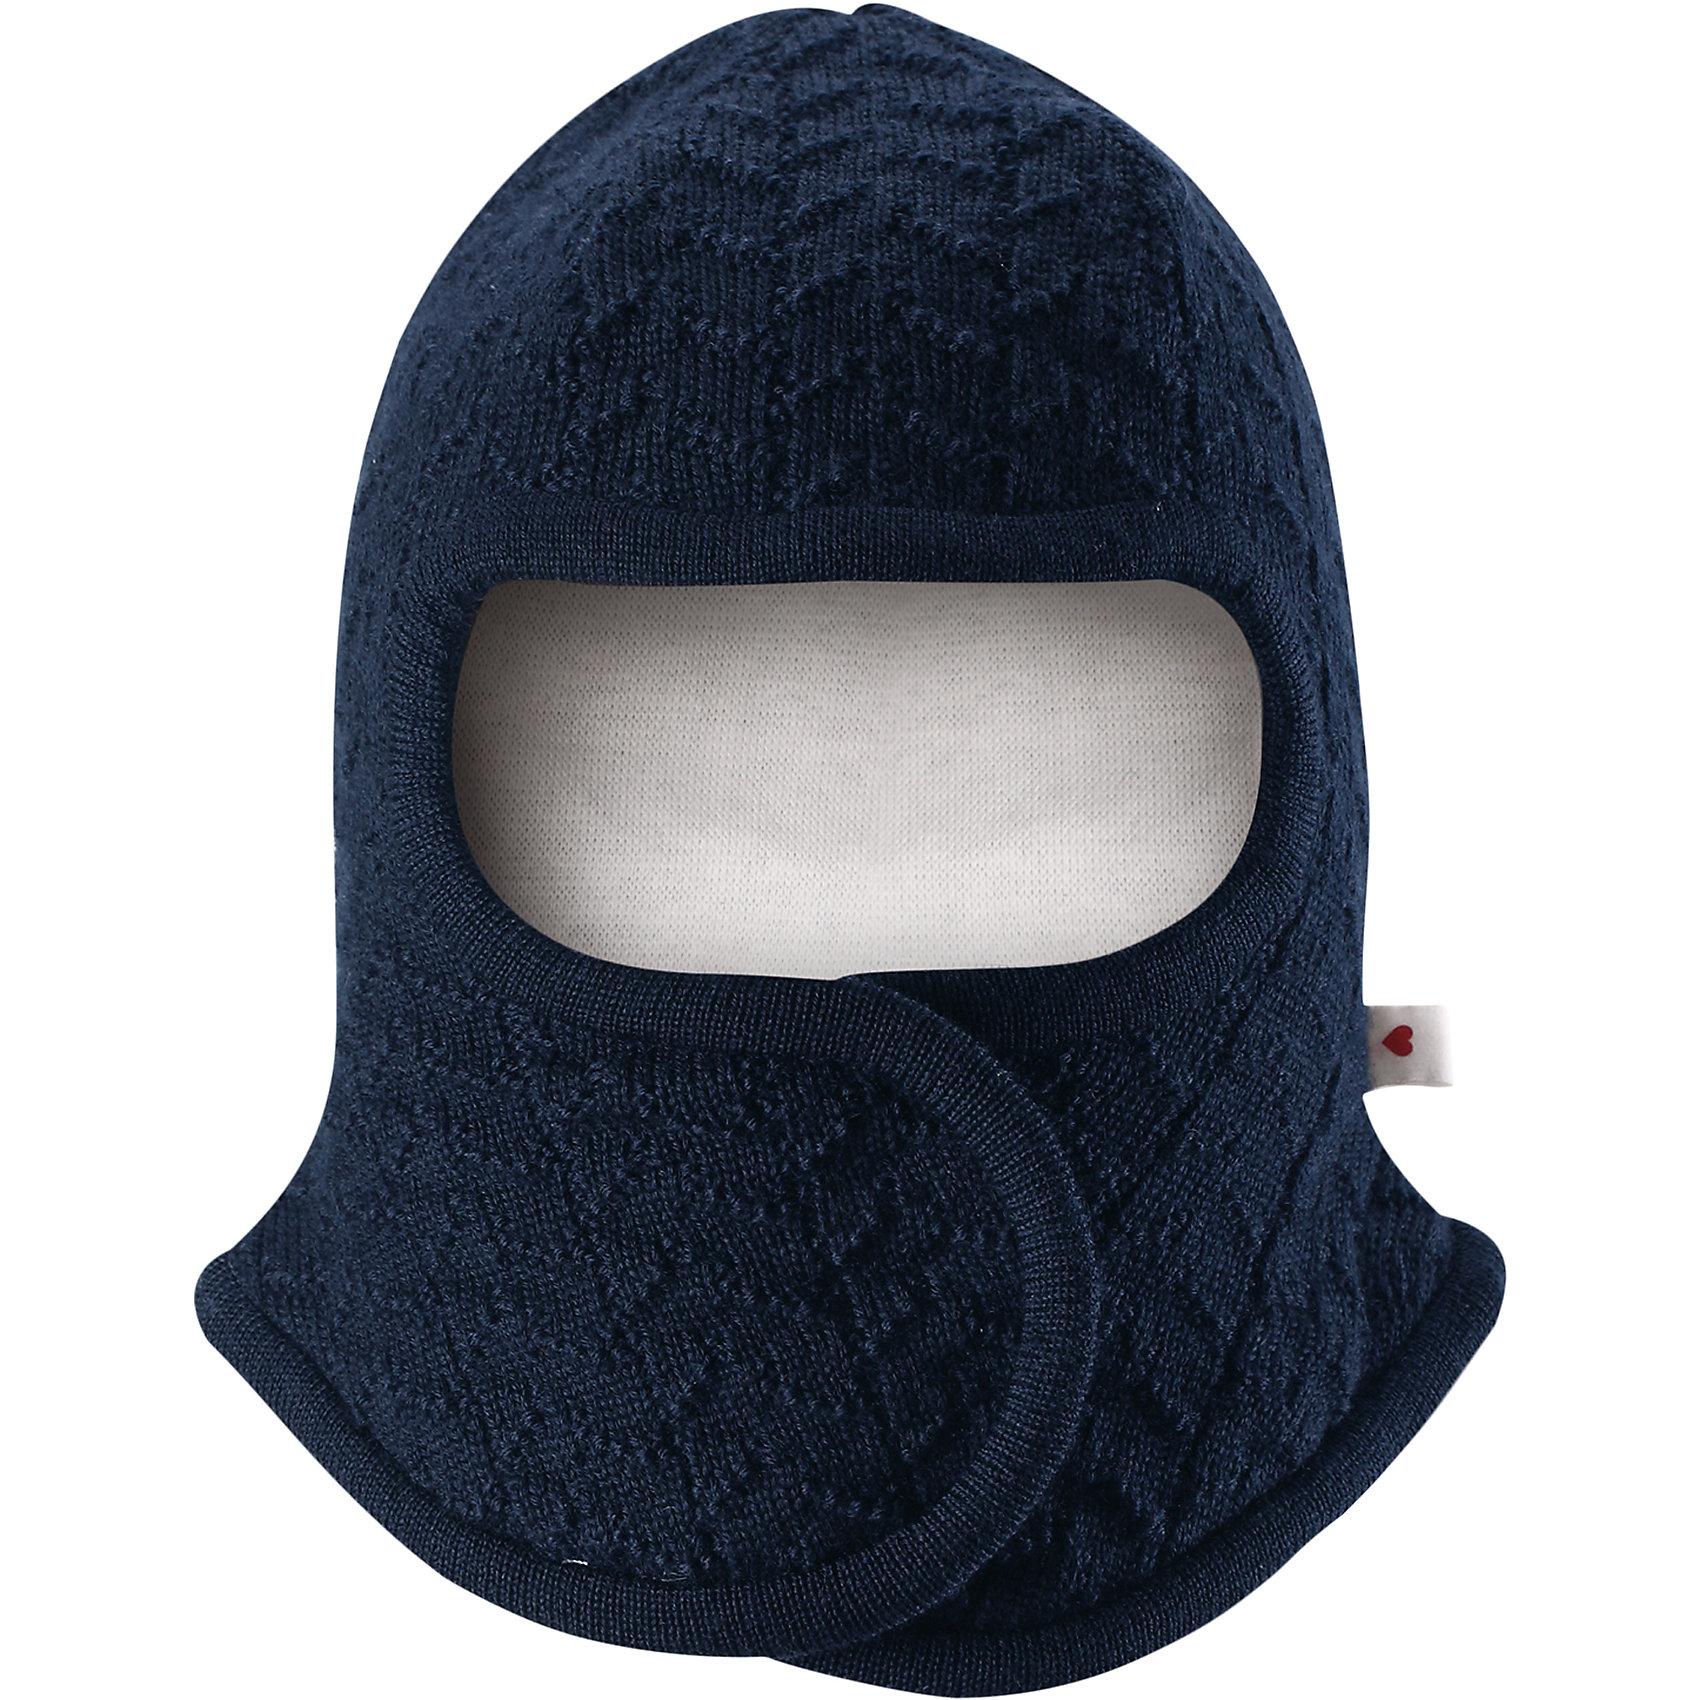 Шапка-шлем Reima LittlestШапочки<br>Характеристики товара:<br><br>• цвет: темно-синий;<br>• состав: 100% шерсть;<br>• подкладка: 97% хлопок, 3% эластан;<br>• температурный режим: от 0 до -20С;<br>• сезон: зима; <br>• особенности модели: на подкладке, на липучках;<br>• сплошная подкладка: гладкий хлопковый трикотаж;<br>• ткань из смеси мериносовой шерсти сохраняет тепло даже при намокании;<br>• шерсть идеально поддерживает температуру;<br>• товар сертифицирован Oeko-Tex, класс 1, одежда для малышей;<br>• мягкая подкладка из хлопка и эластана;<br>• задние швы отсутствуют;<br>• застежка на липучке спереди;<br>• логотип Reima сбоку;<br>• страна бренда: Финляндия;<br>• страна изготовитель: Китай.<br><br>Шапка-шлем для самых маленьких. Спереди она снабжена удобной застежкой на липучке, поэтому ее легко надевать. Продуманный дизайн предусматривает надежную защиту подбородка, шеи и щечек. Шапка-шлем связана из мериносовой шерсти с лёгкой и мягкой подкладкой из натурального хлопка, поэтому она мягкая и приятная на ощупь и идеально подходит для нежной кожи новорожденного. <br><br>Шапка-шлем Reima Littlest от финского бренда Reima (Рейма) можно купить в нашем интернет-магазине.<br><br>Ширина мм: 89<br>Глубина мм: 117<br>Высота мм: 44<br>Вес г: 155<br>Цвет: синий<br>Возраст от месяцев: 6<br>Возраст до месяцев: 9<br>Пол: Унисекс<br>Возраст: Детский<br>Размер: 42-44,34-36,38-40<br>SKU: 6908774